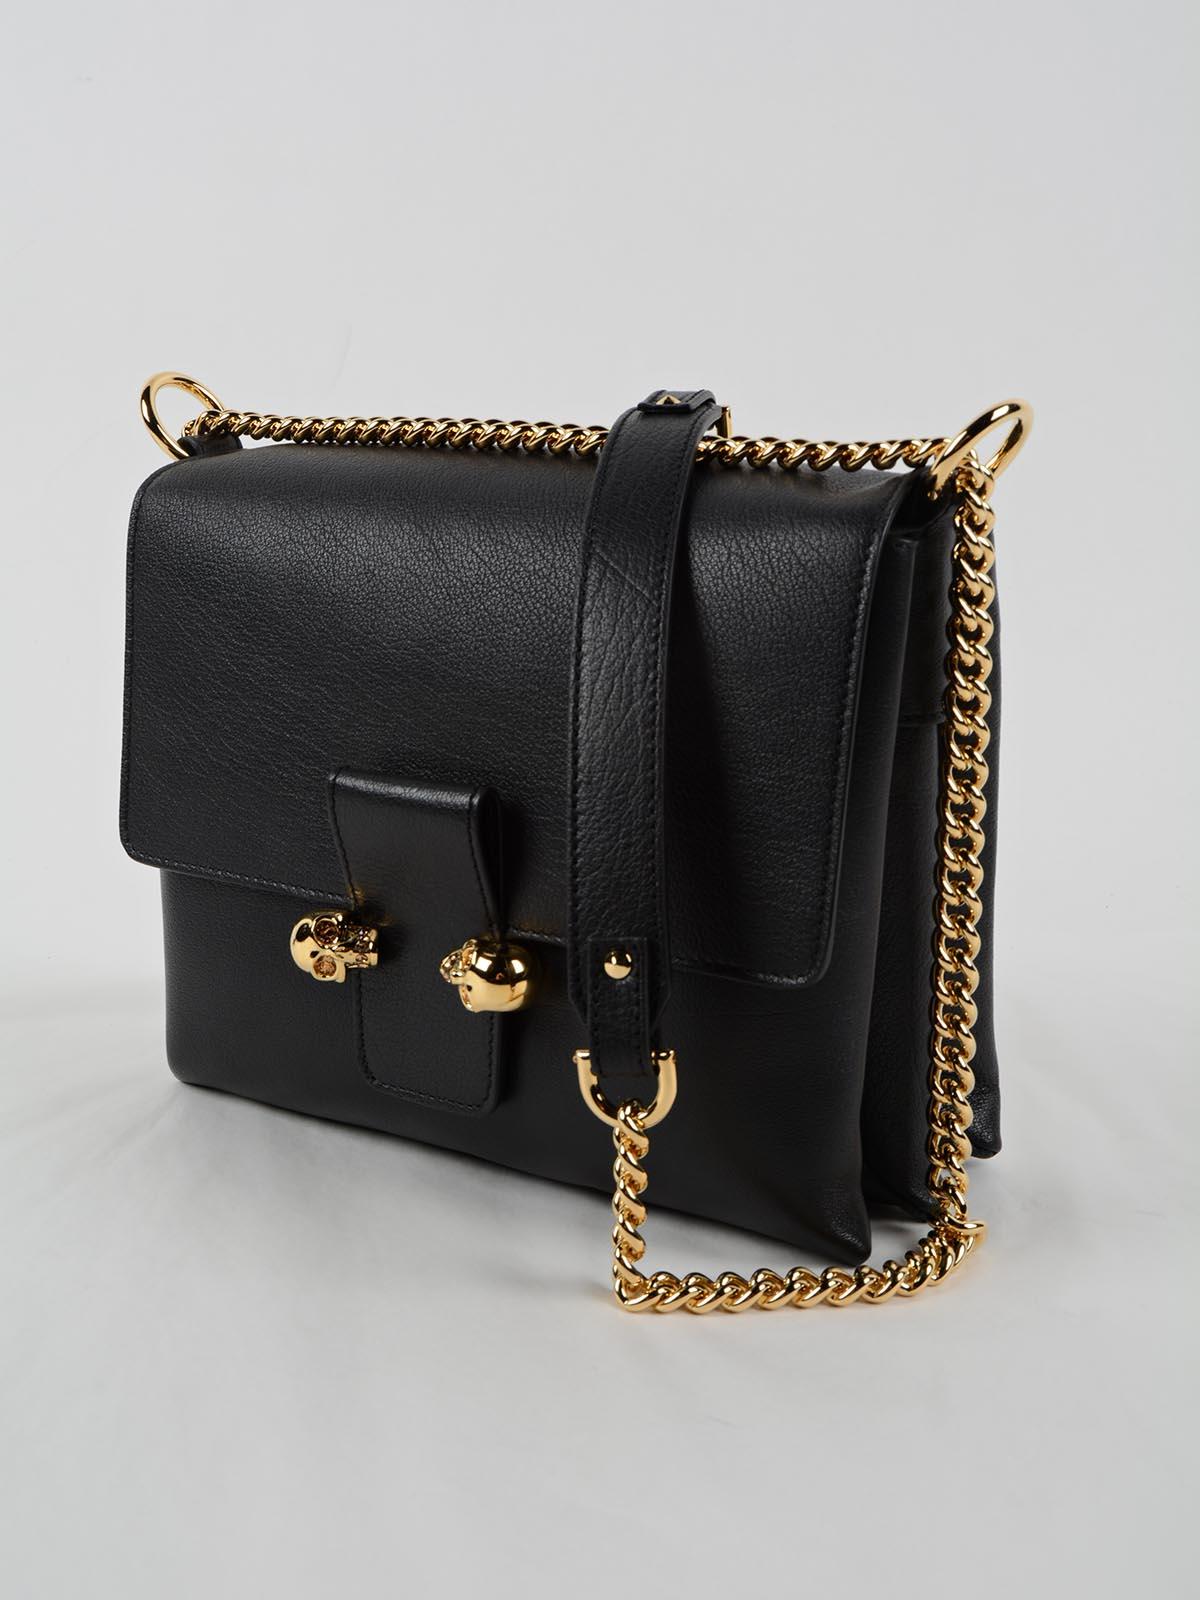 Alexander Mcqueen Cosmetic Bag | Alexander Mcqueen Bags | Alexander Mcqueen Demanta Clutch Sale